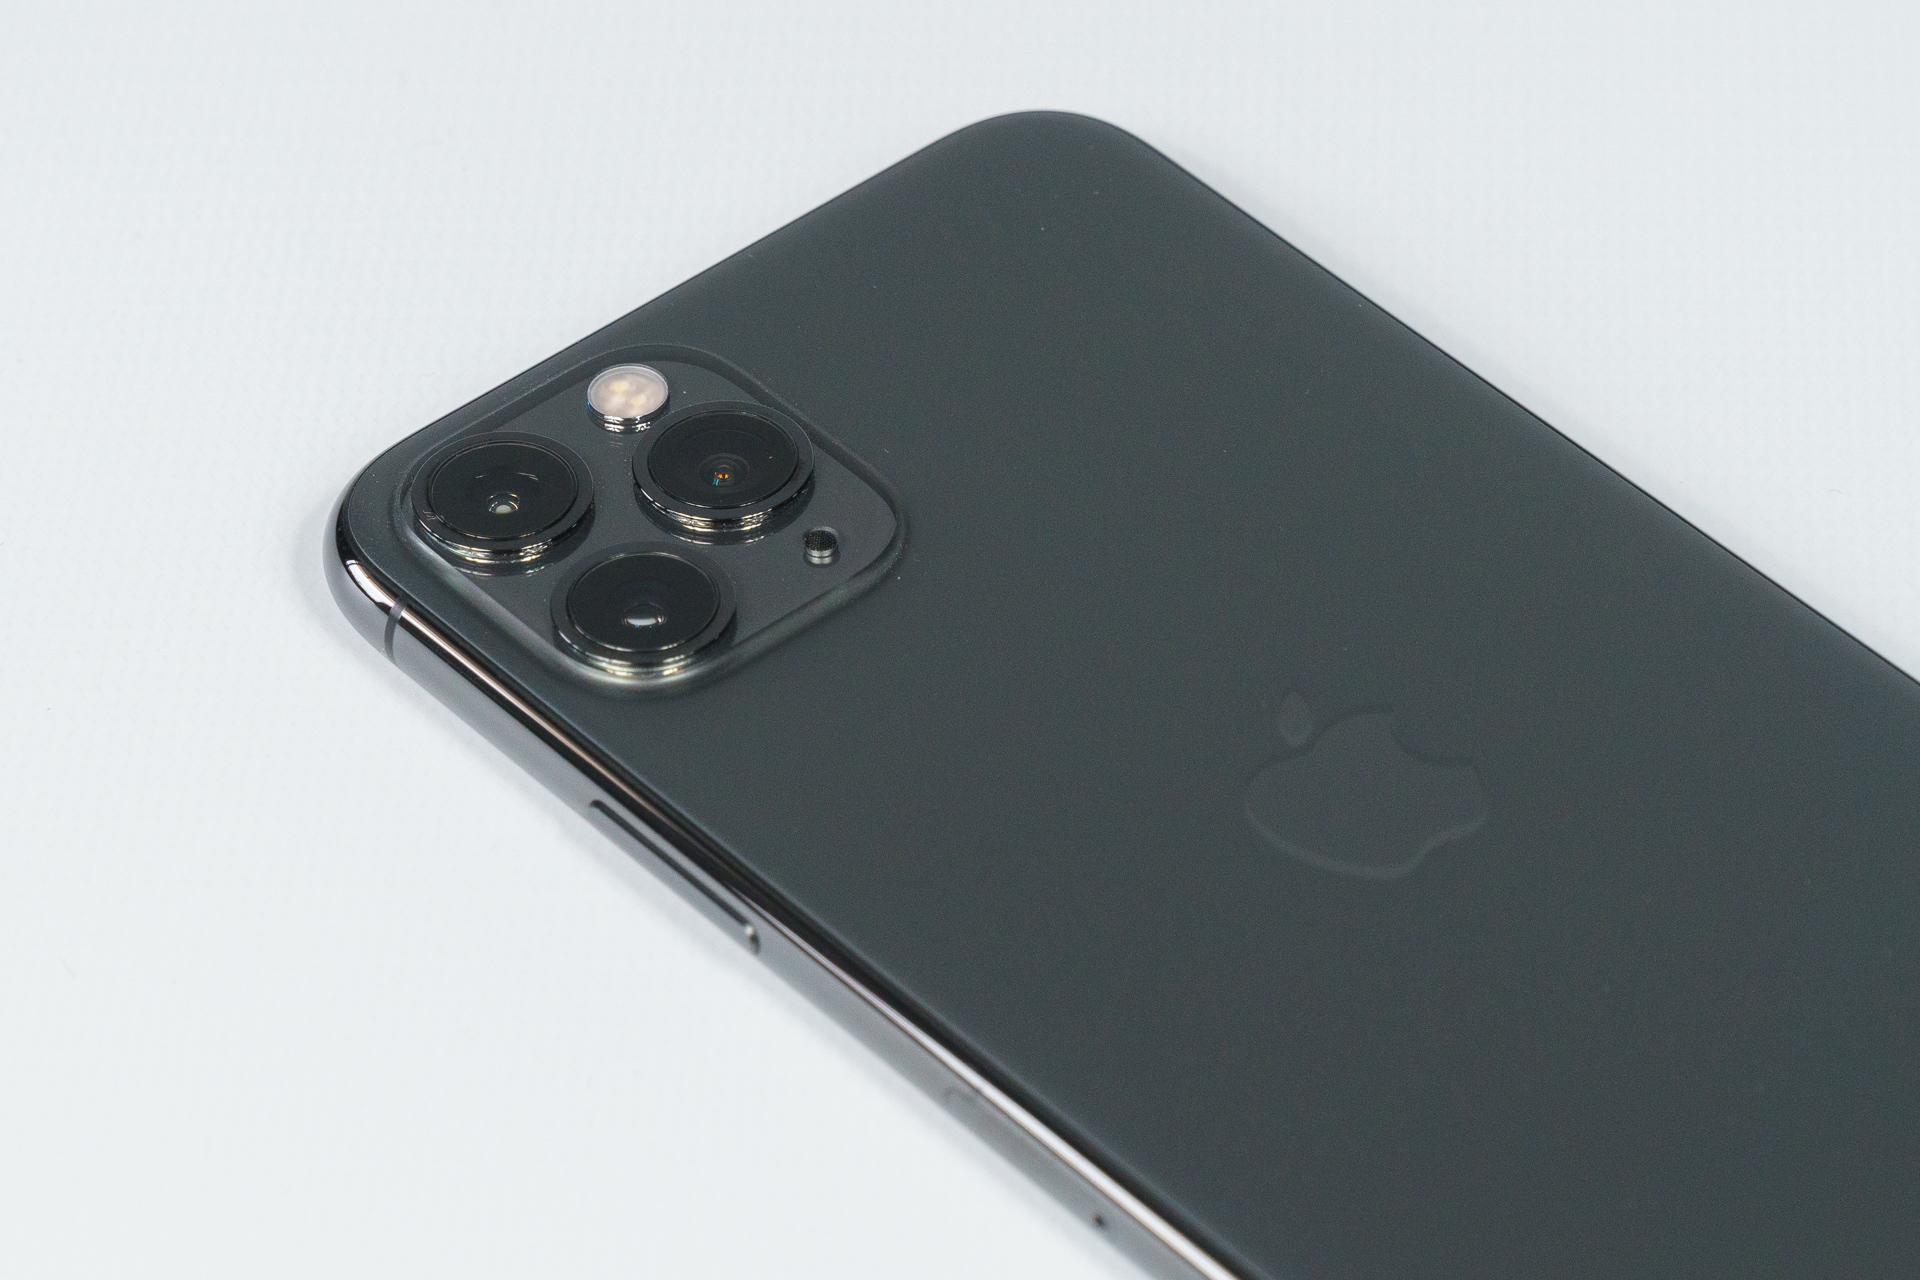 Recenzja iPhone'a 11 Pro - w małym ciele wielki duch 18 Recenzja iPhone'a 11 Pro